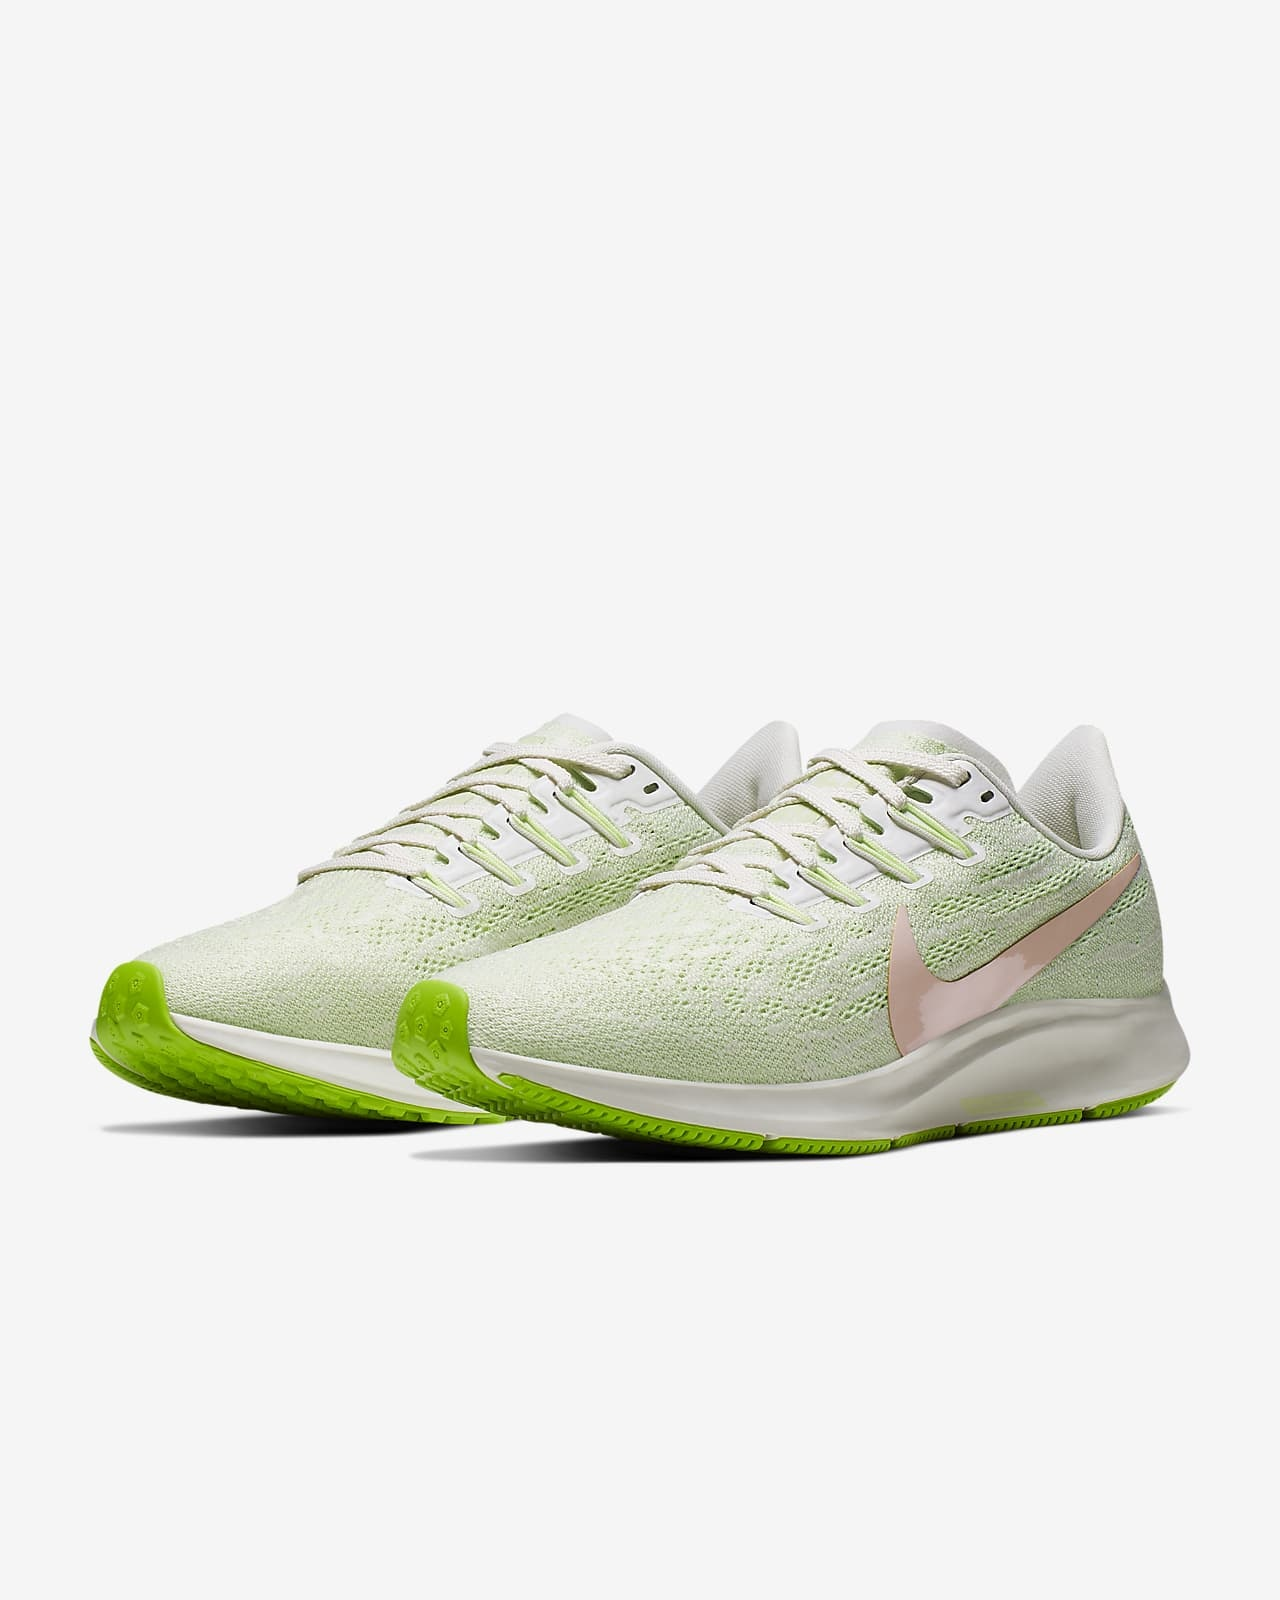 Nike AIR ZOOM PEGASUS 36 WMNS COMFORTABELE NEUTRALE HARDLOOPSCHOEN